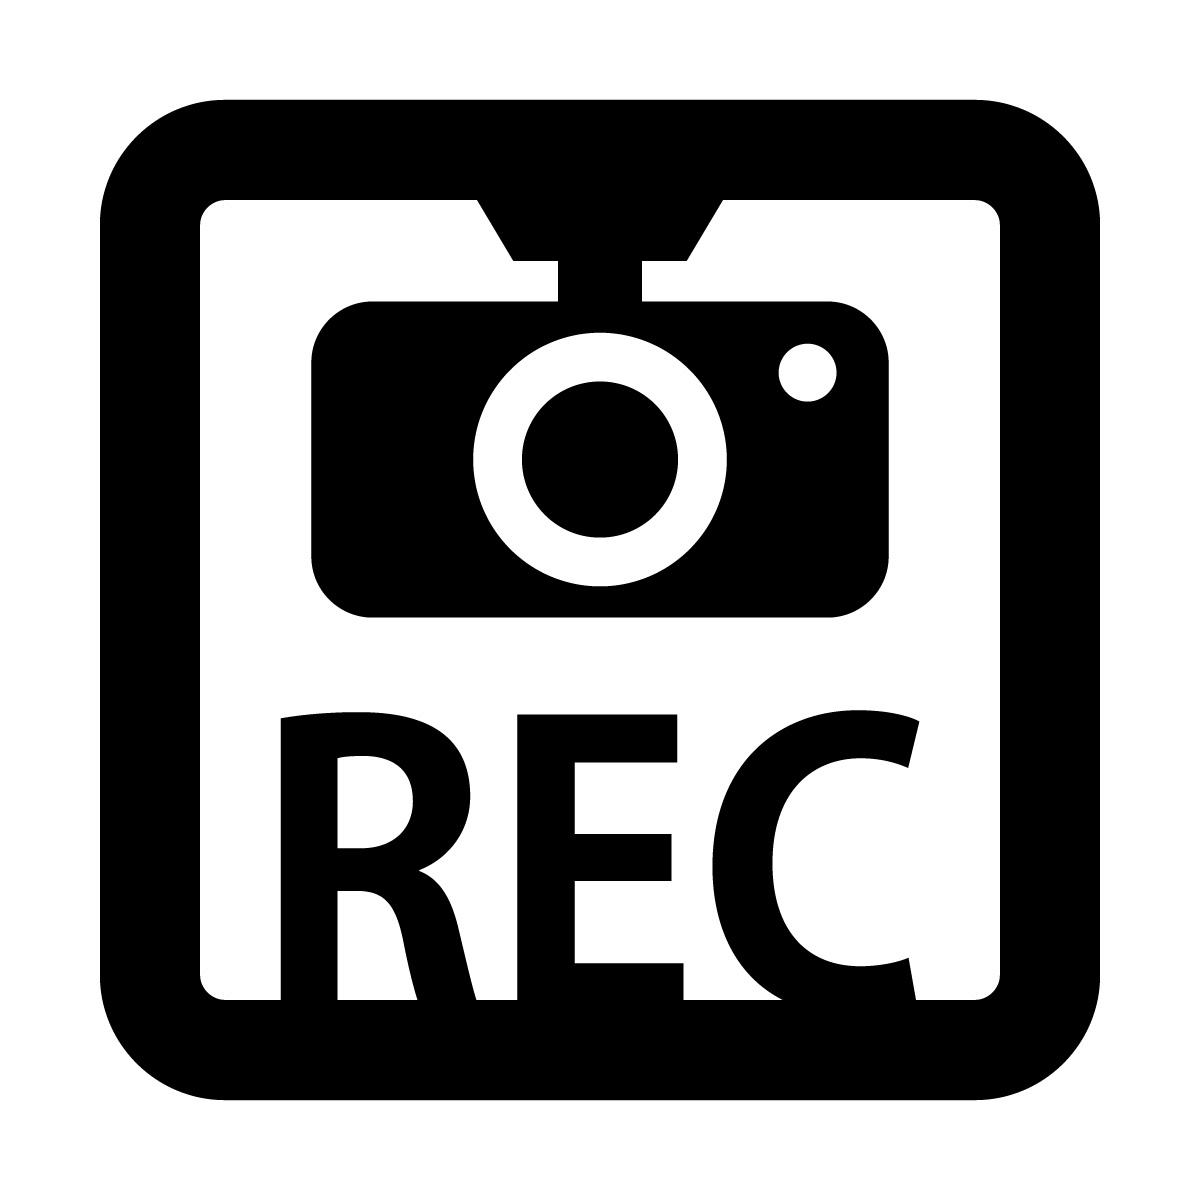 黒色のドラレコ 録画中 撮影中 REC 防犯 セキュリティーマークのカッティング ステッカー・シール 光沢タイプ・防水・耐水・屋外耐候3~4年 煽り運転 抑止 ドライブレコーダー 車間距離